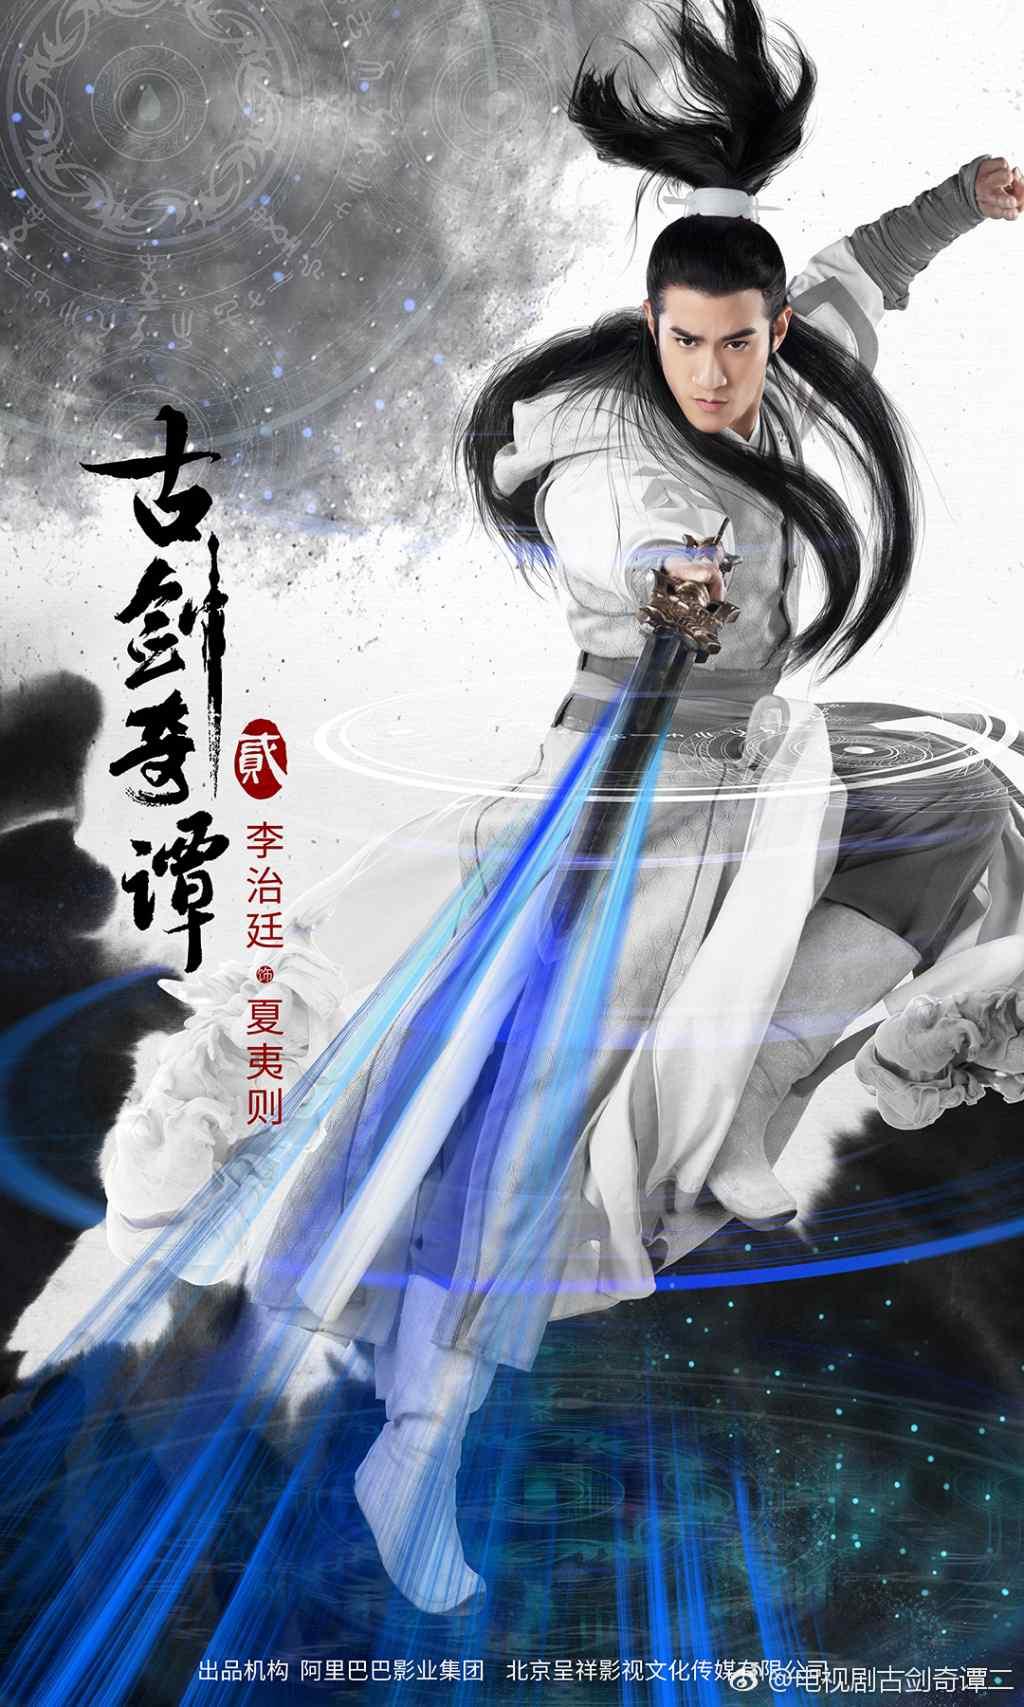 李治廷《古剑奇谭2》人物角色海报图片